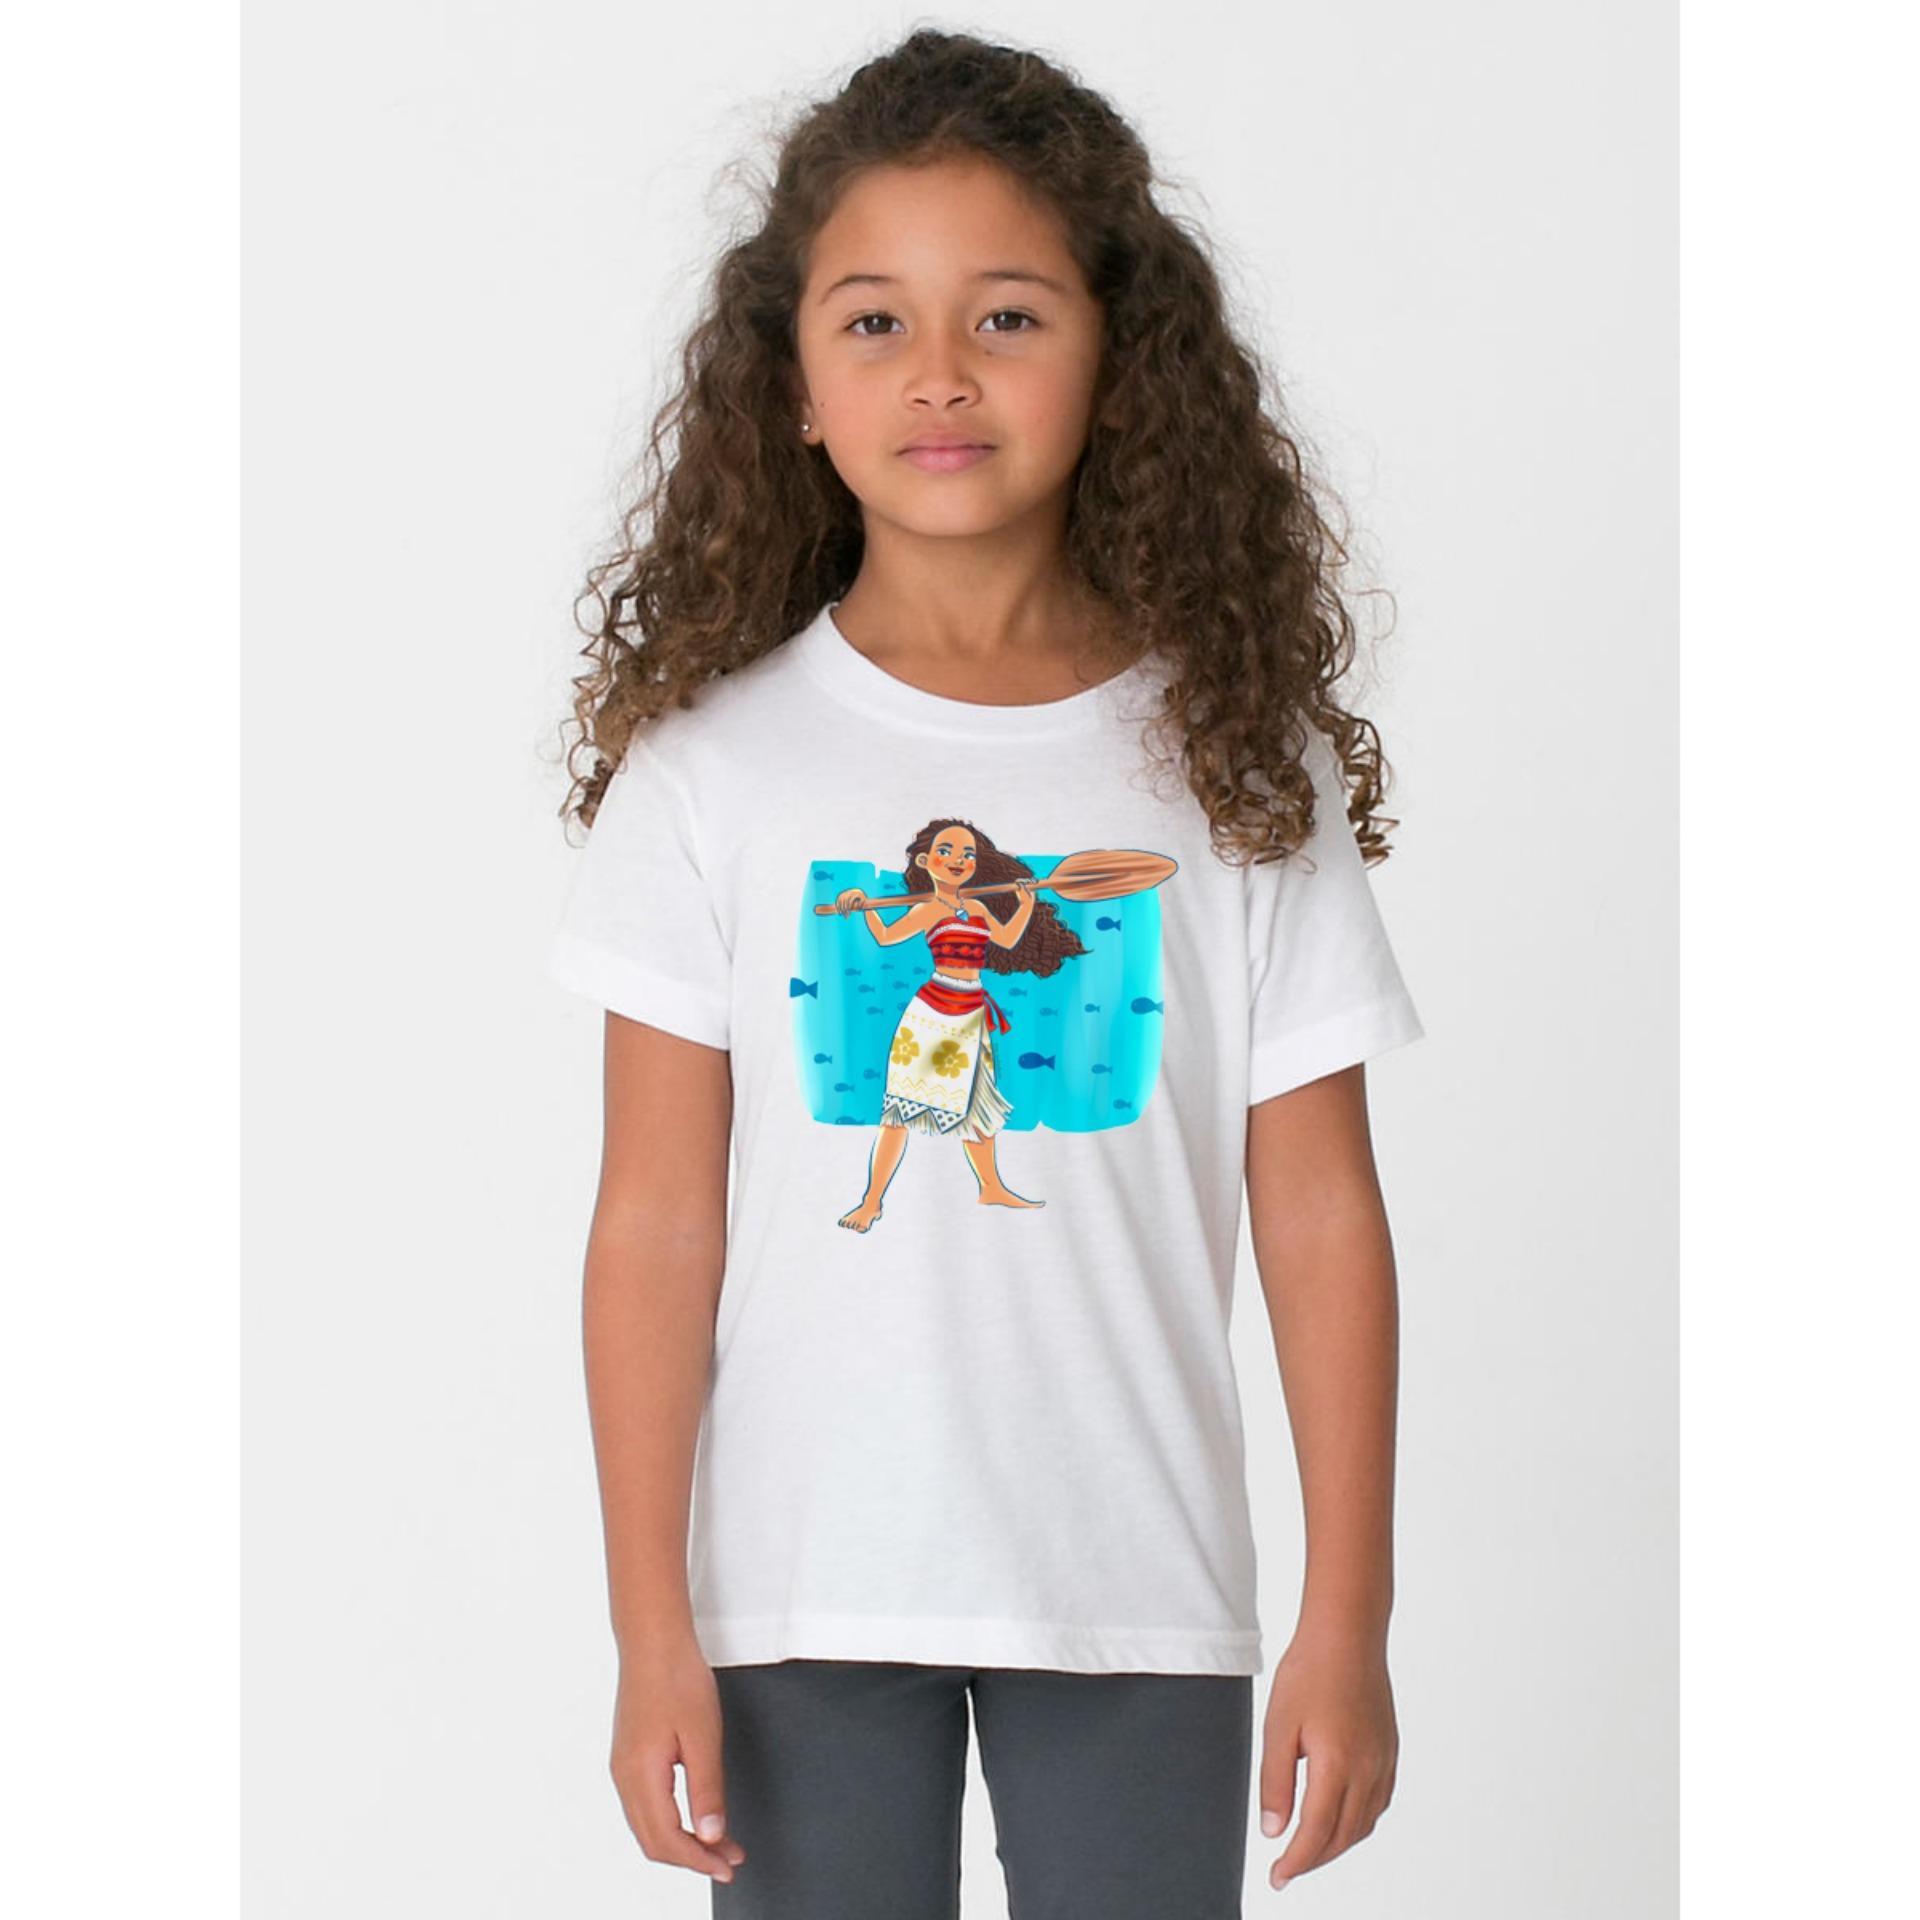 Áo Thun bé gái in hình chất liệu mềm mịn thoáng mát ESBG35